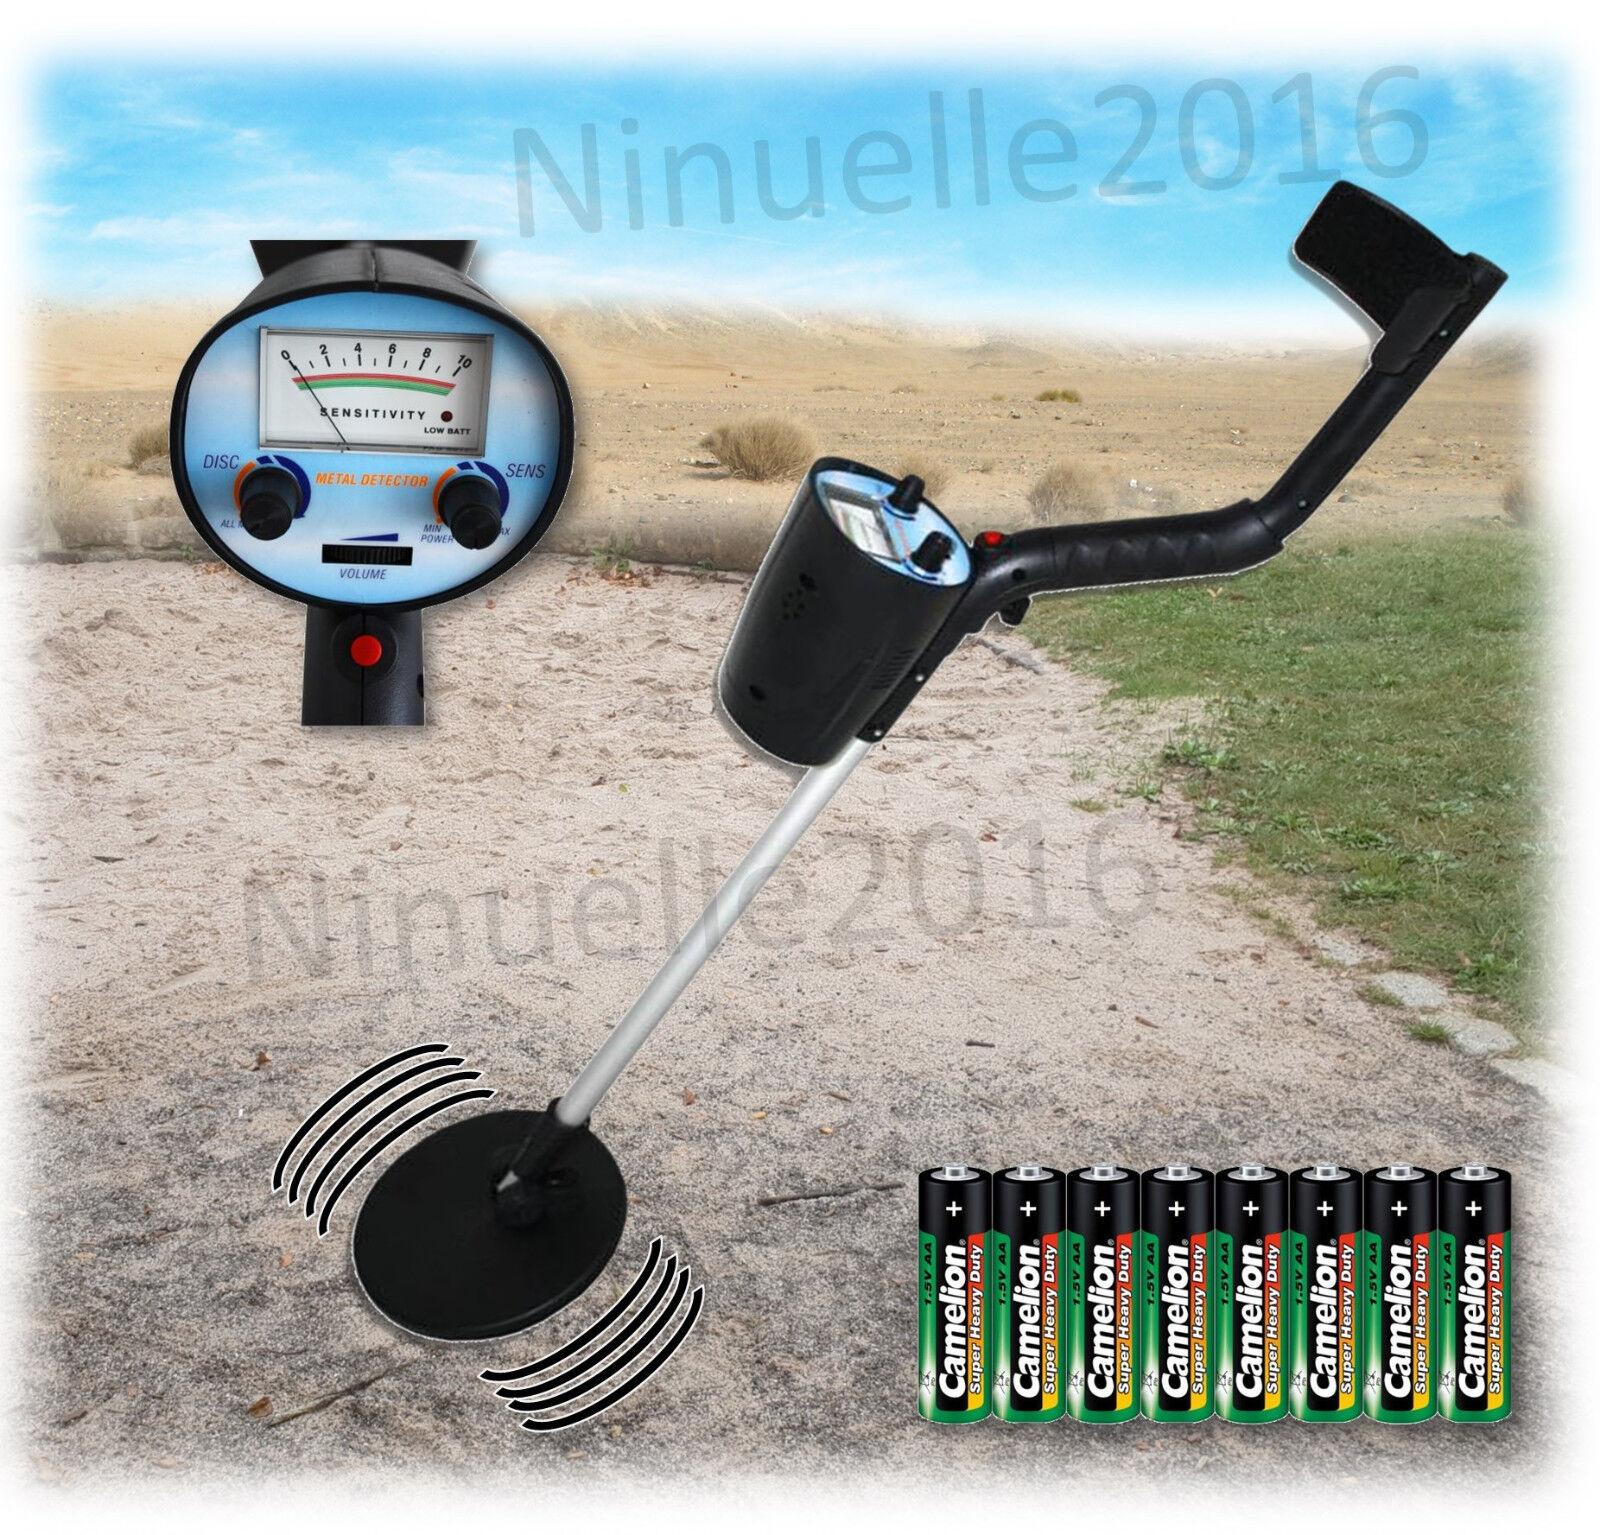 REEKIN Metallsuchgerät Metalldetektor Metallsucher Wasserdicht inkl. Batterien